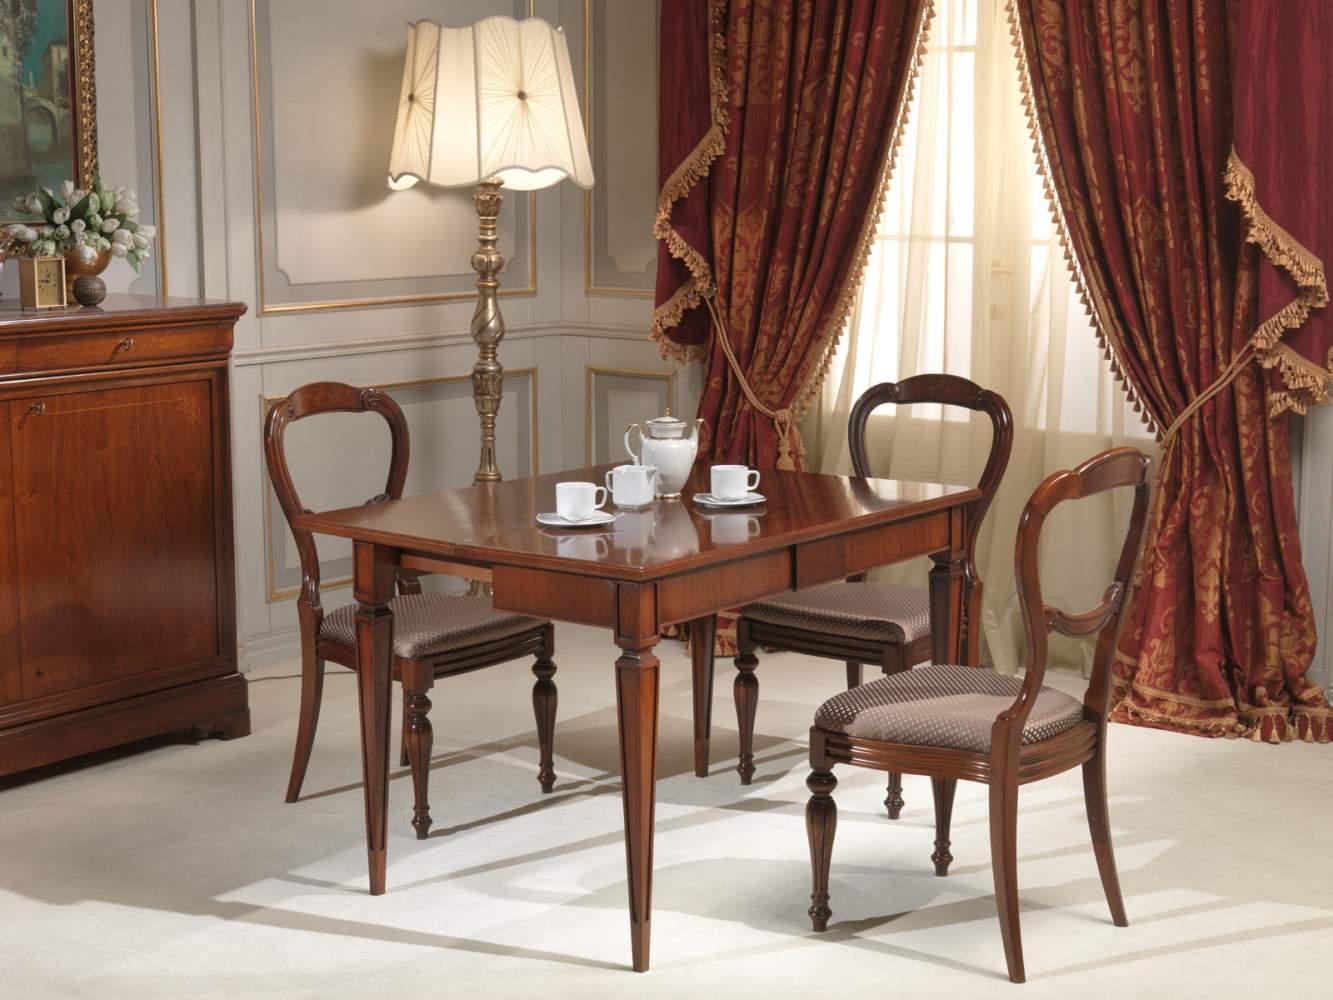 Tavolo consolle classico parzialmente allungato